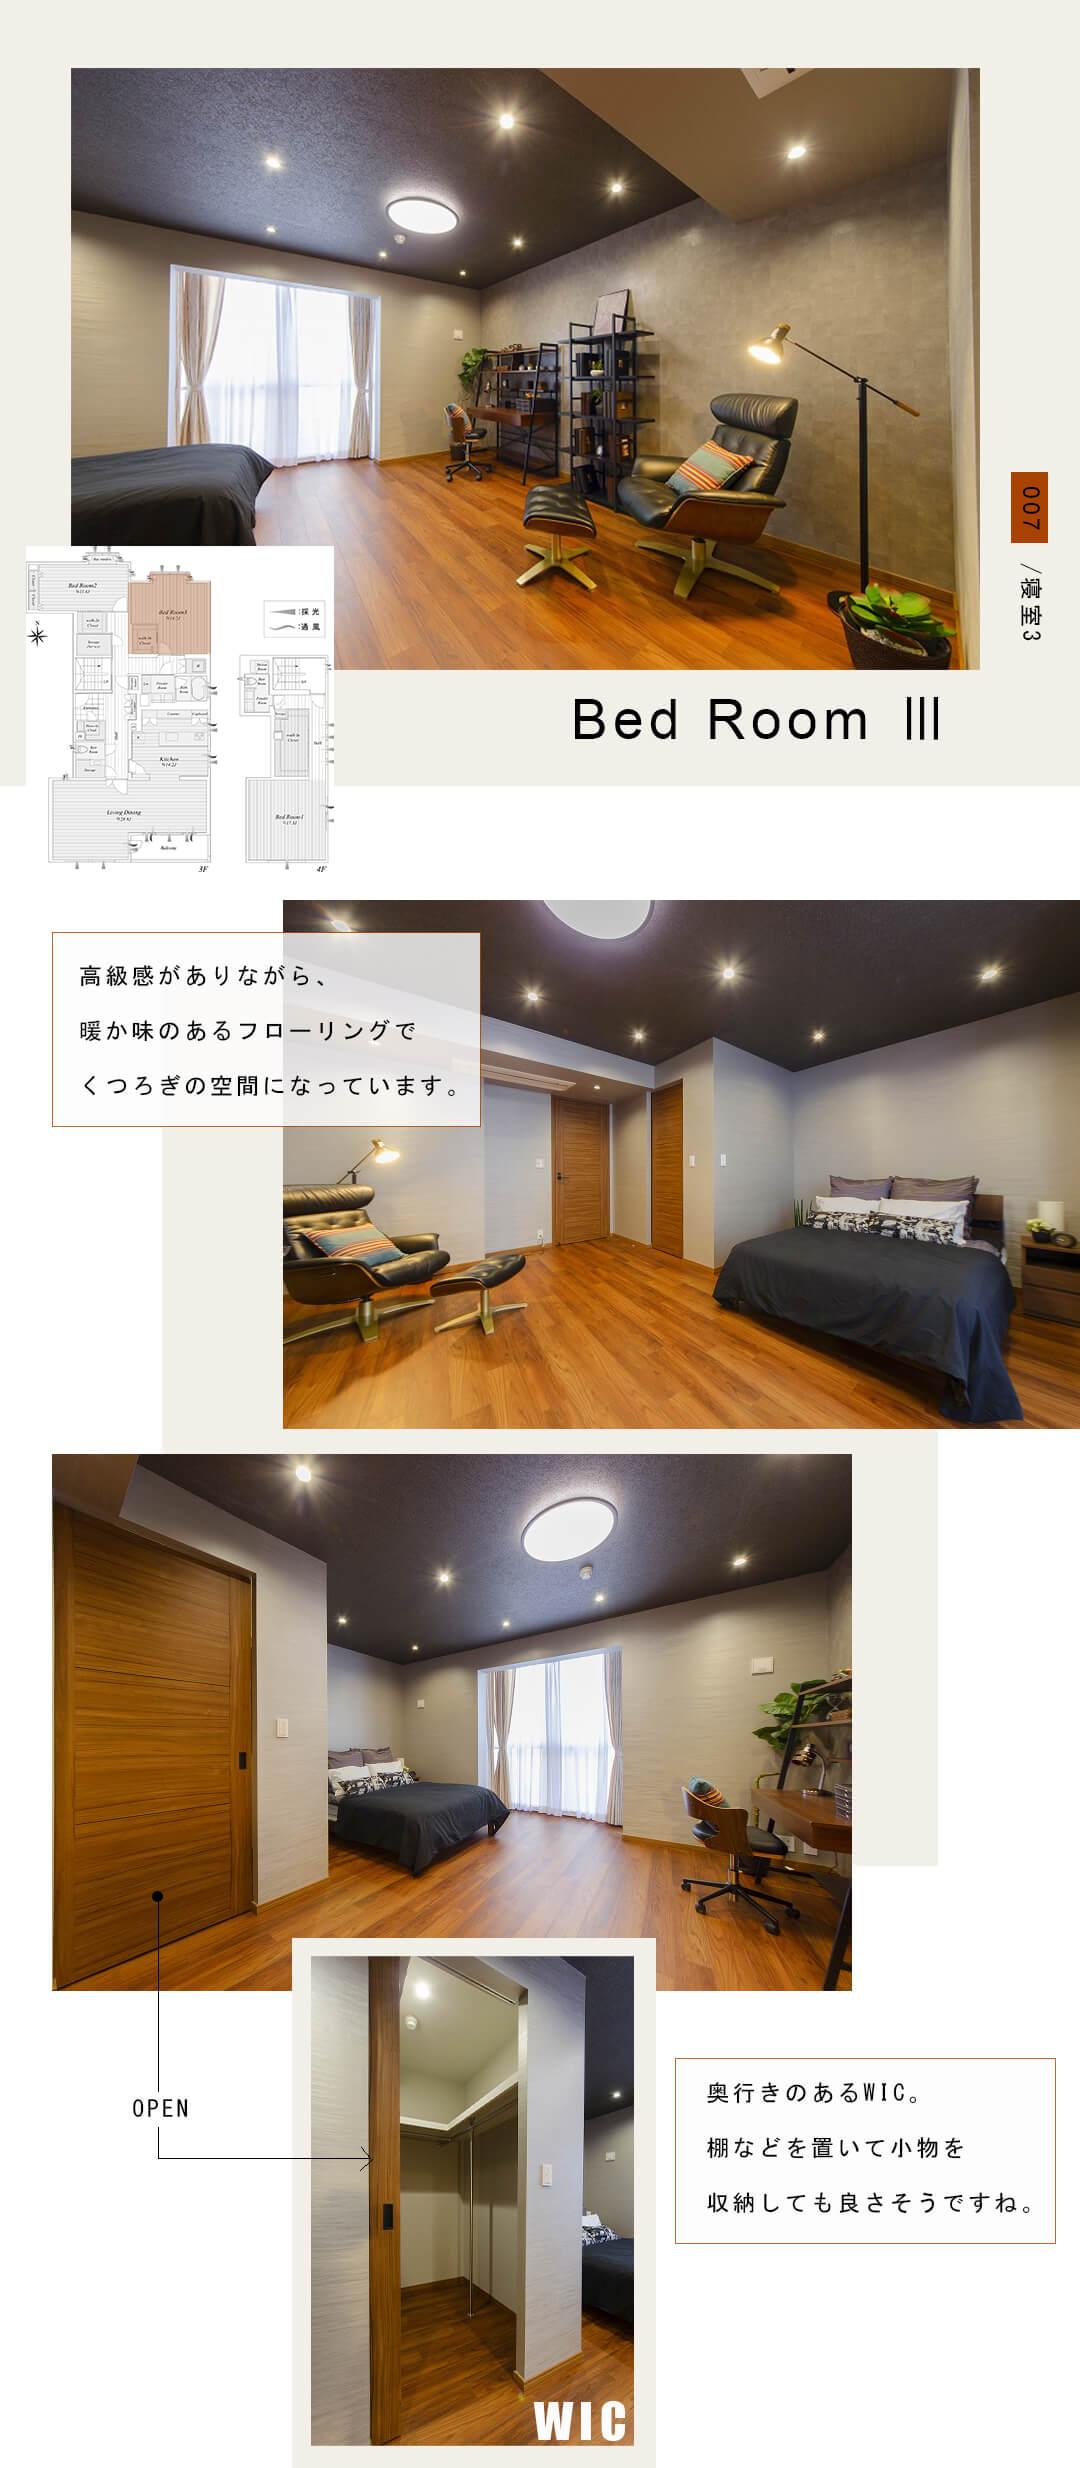 007寝室3,Bed Room Ⅱ